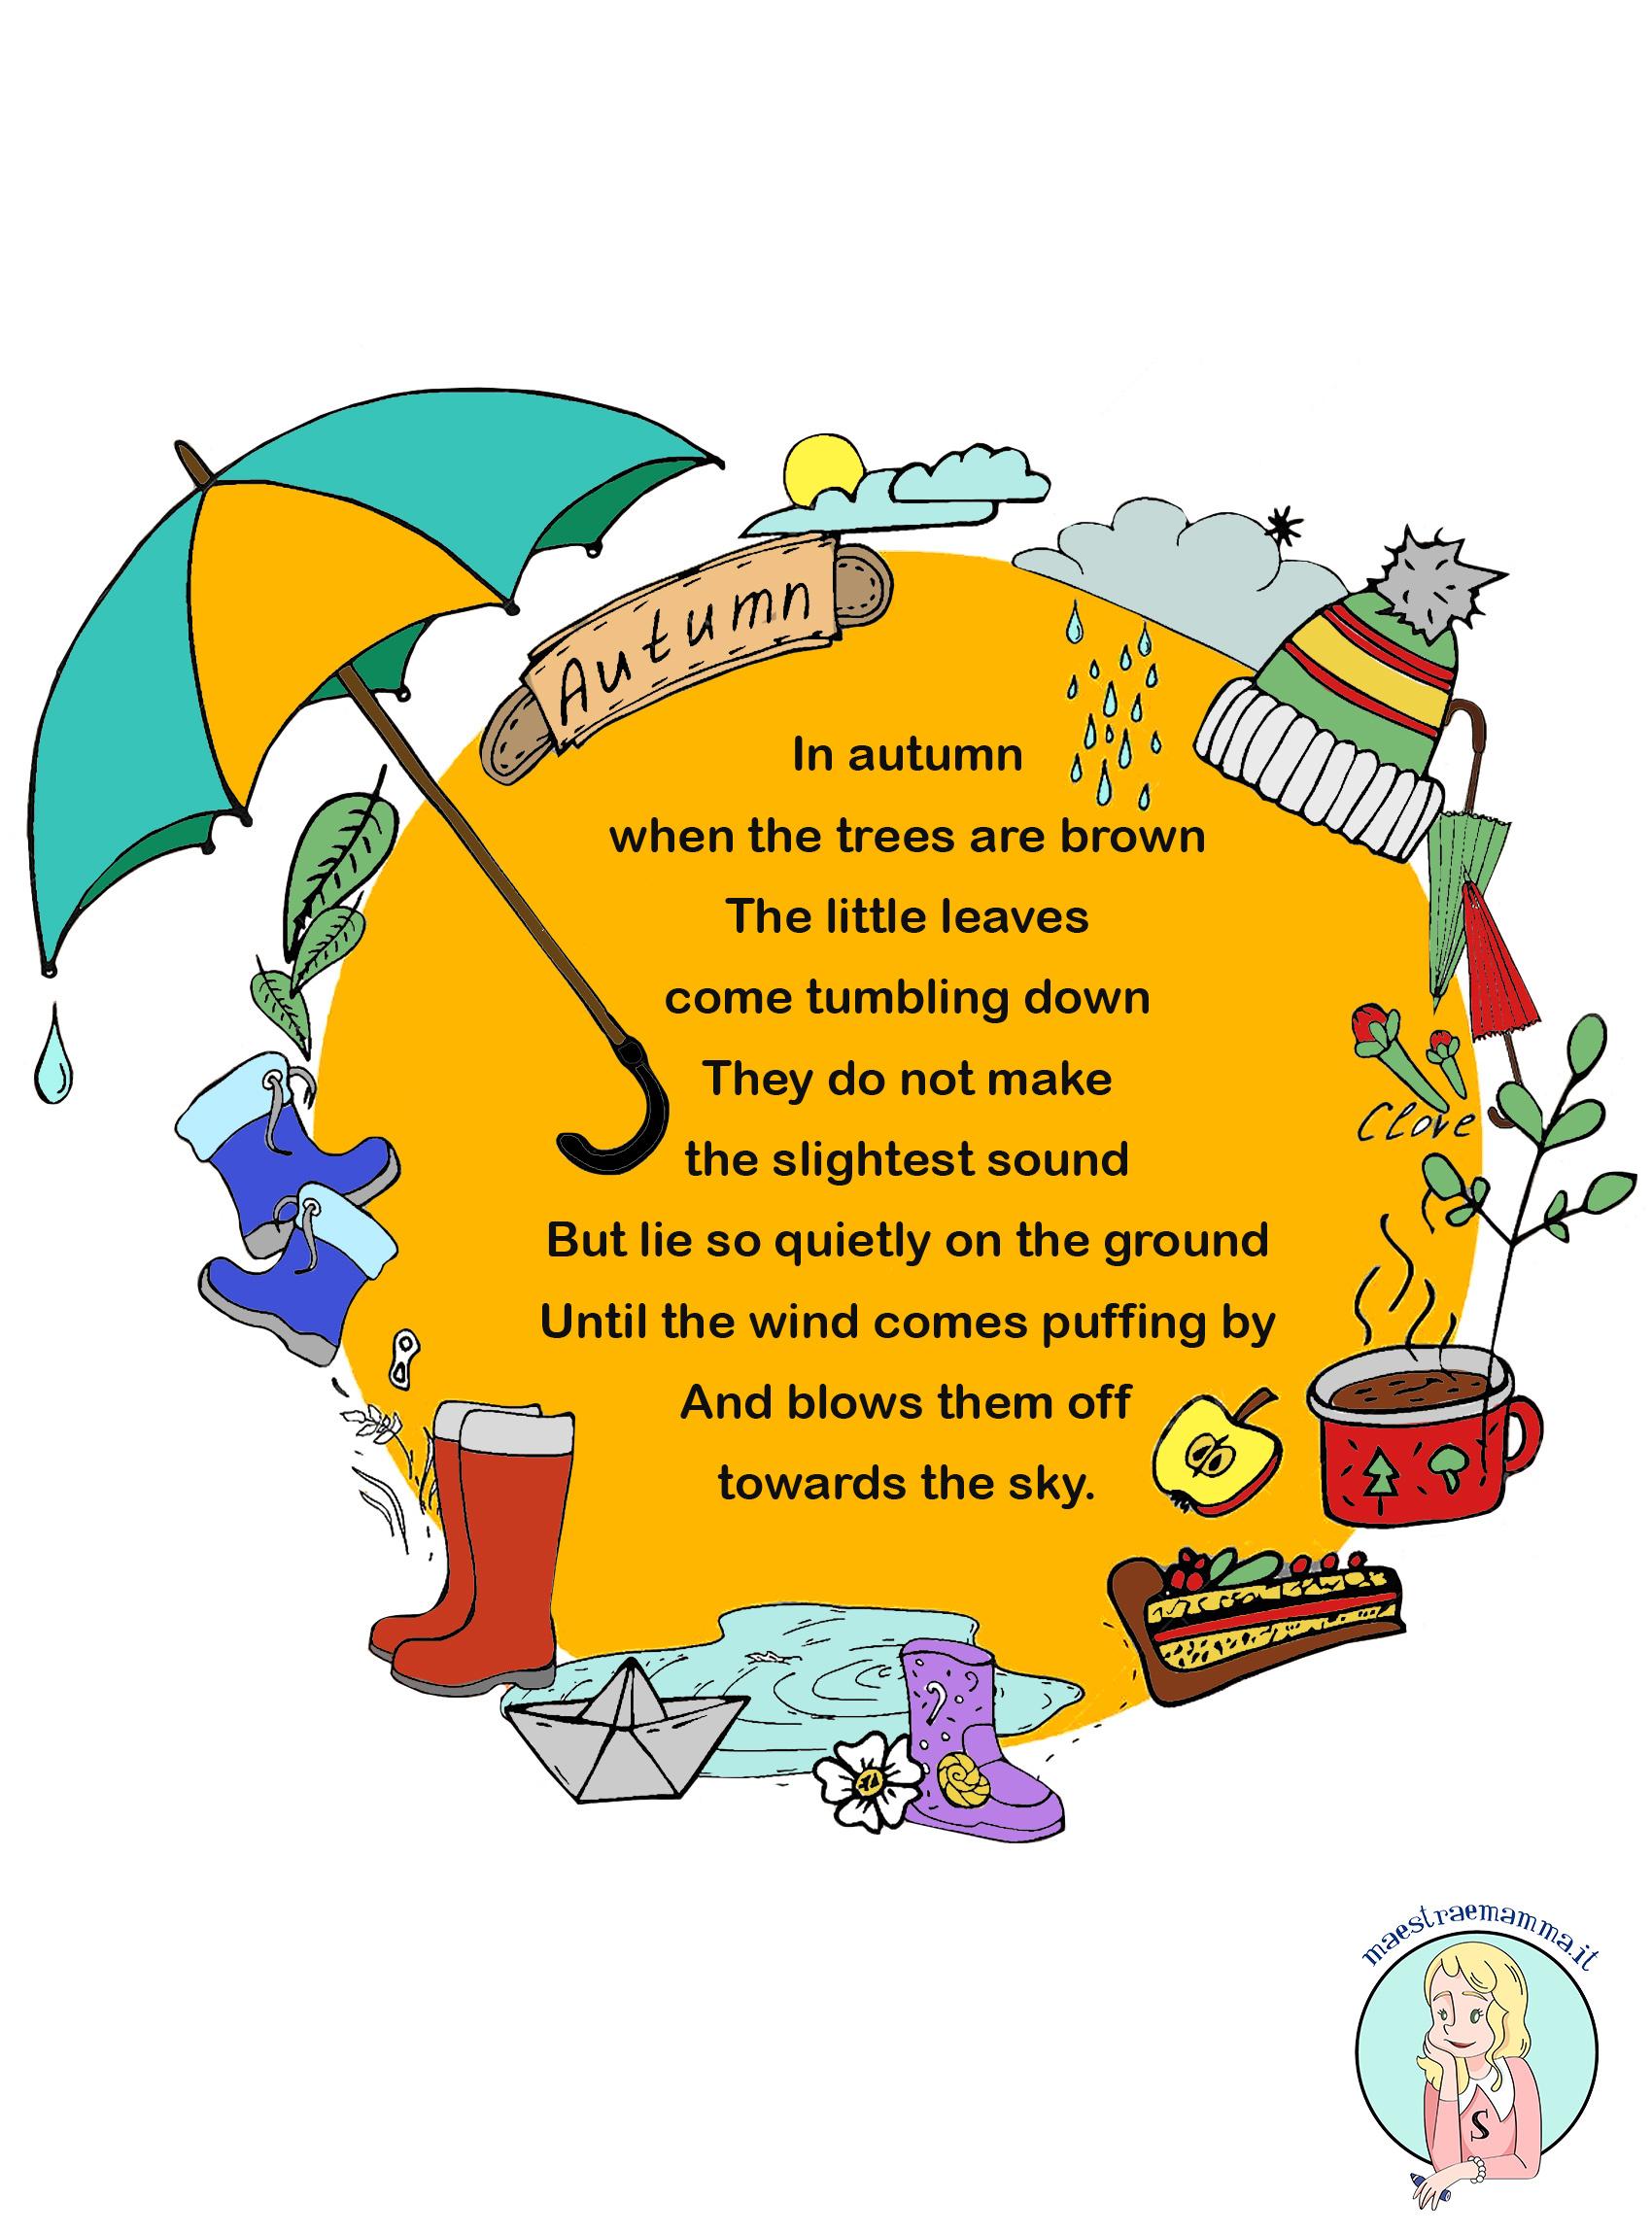 Poesie e filastrocche di natale in inglese. Autumn Poesia Sull Autunno Per Bambini In Inglese Maestraemamma